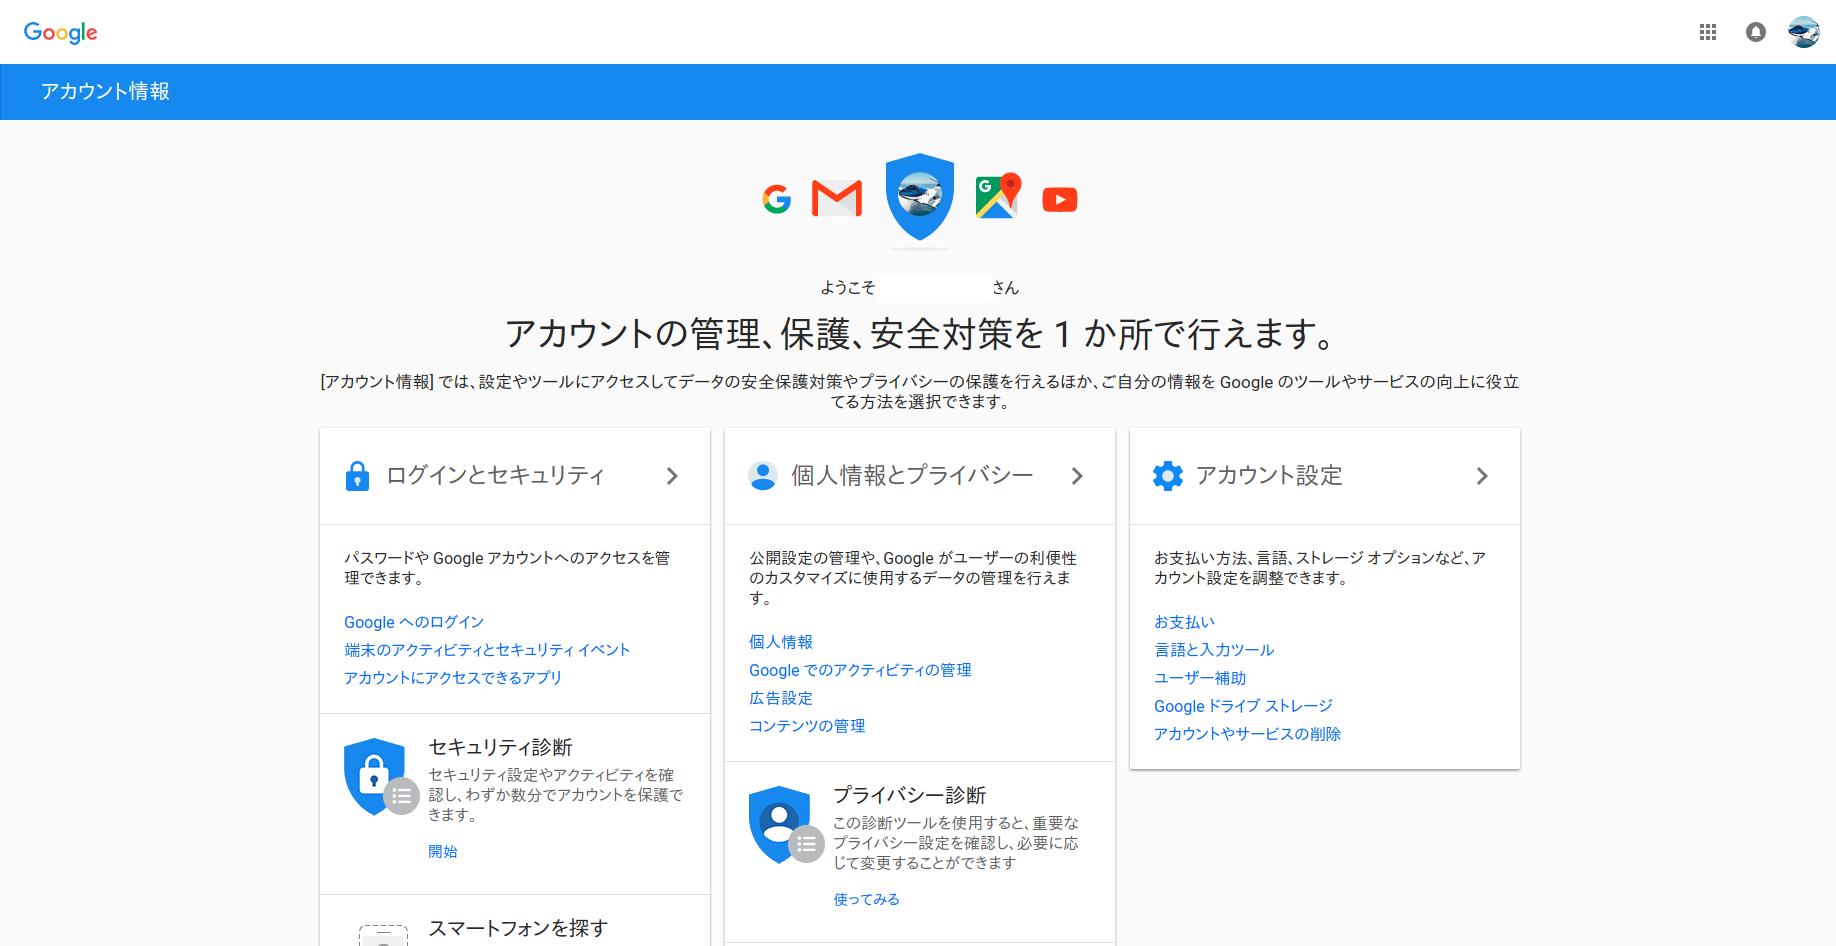 Google アカウント情報